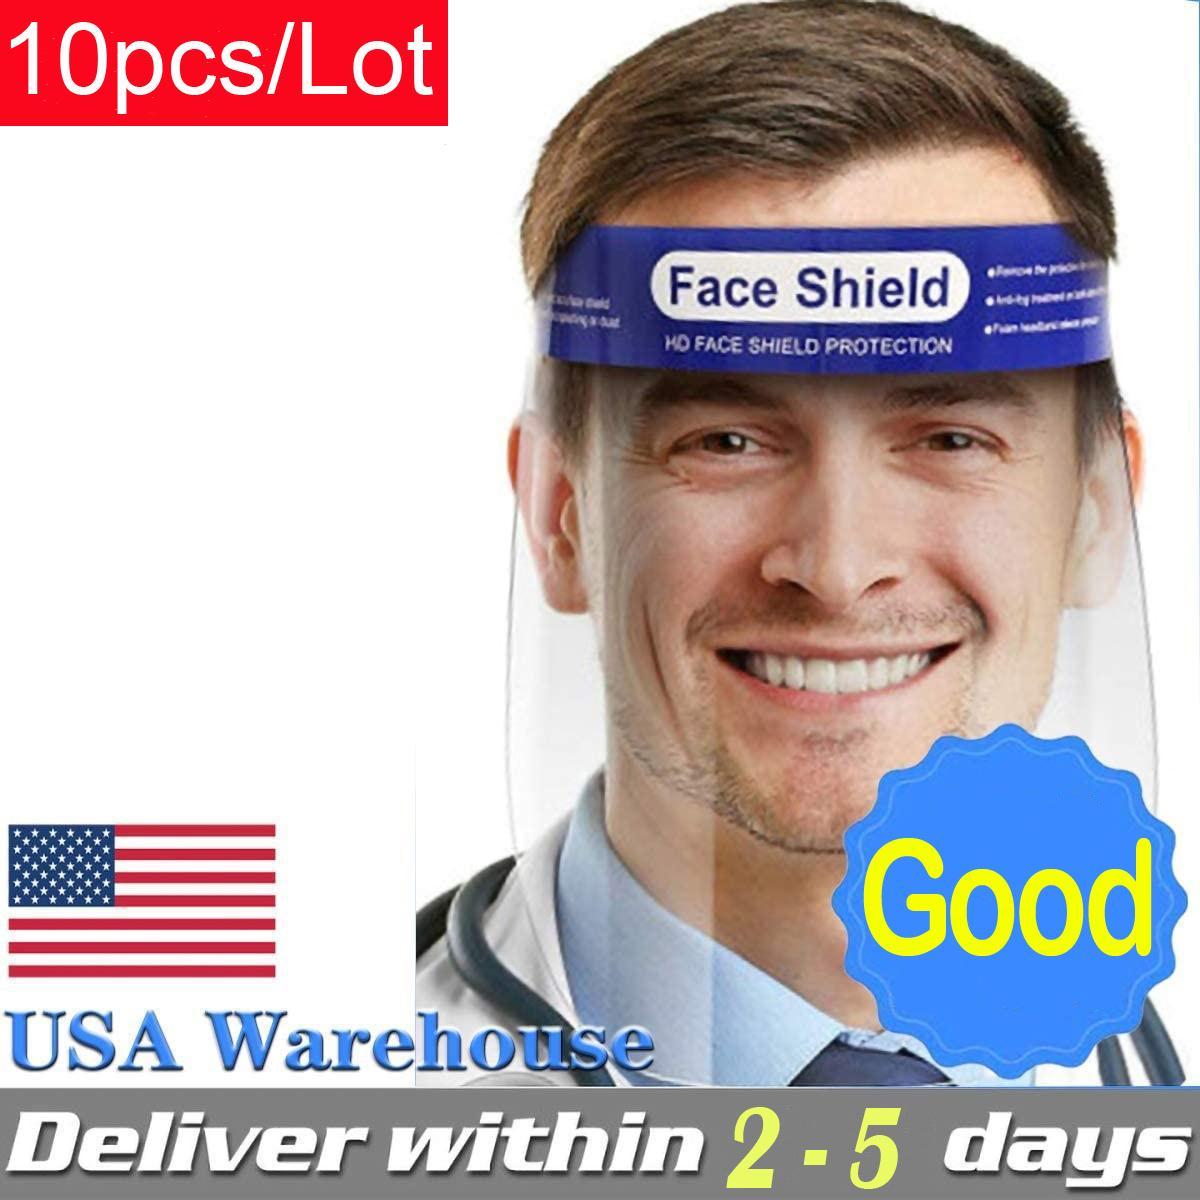 10pcs / Lot protectora de la cara Escudo Claro máscara máscaras anti-niebla de la cara llena de seguridad transparentes de protección del visor almacén de los EEUU